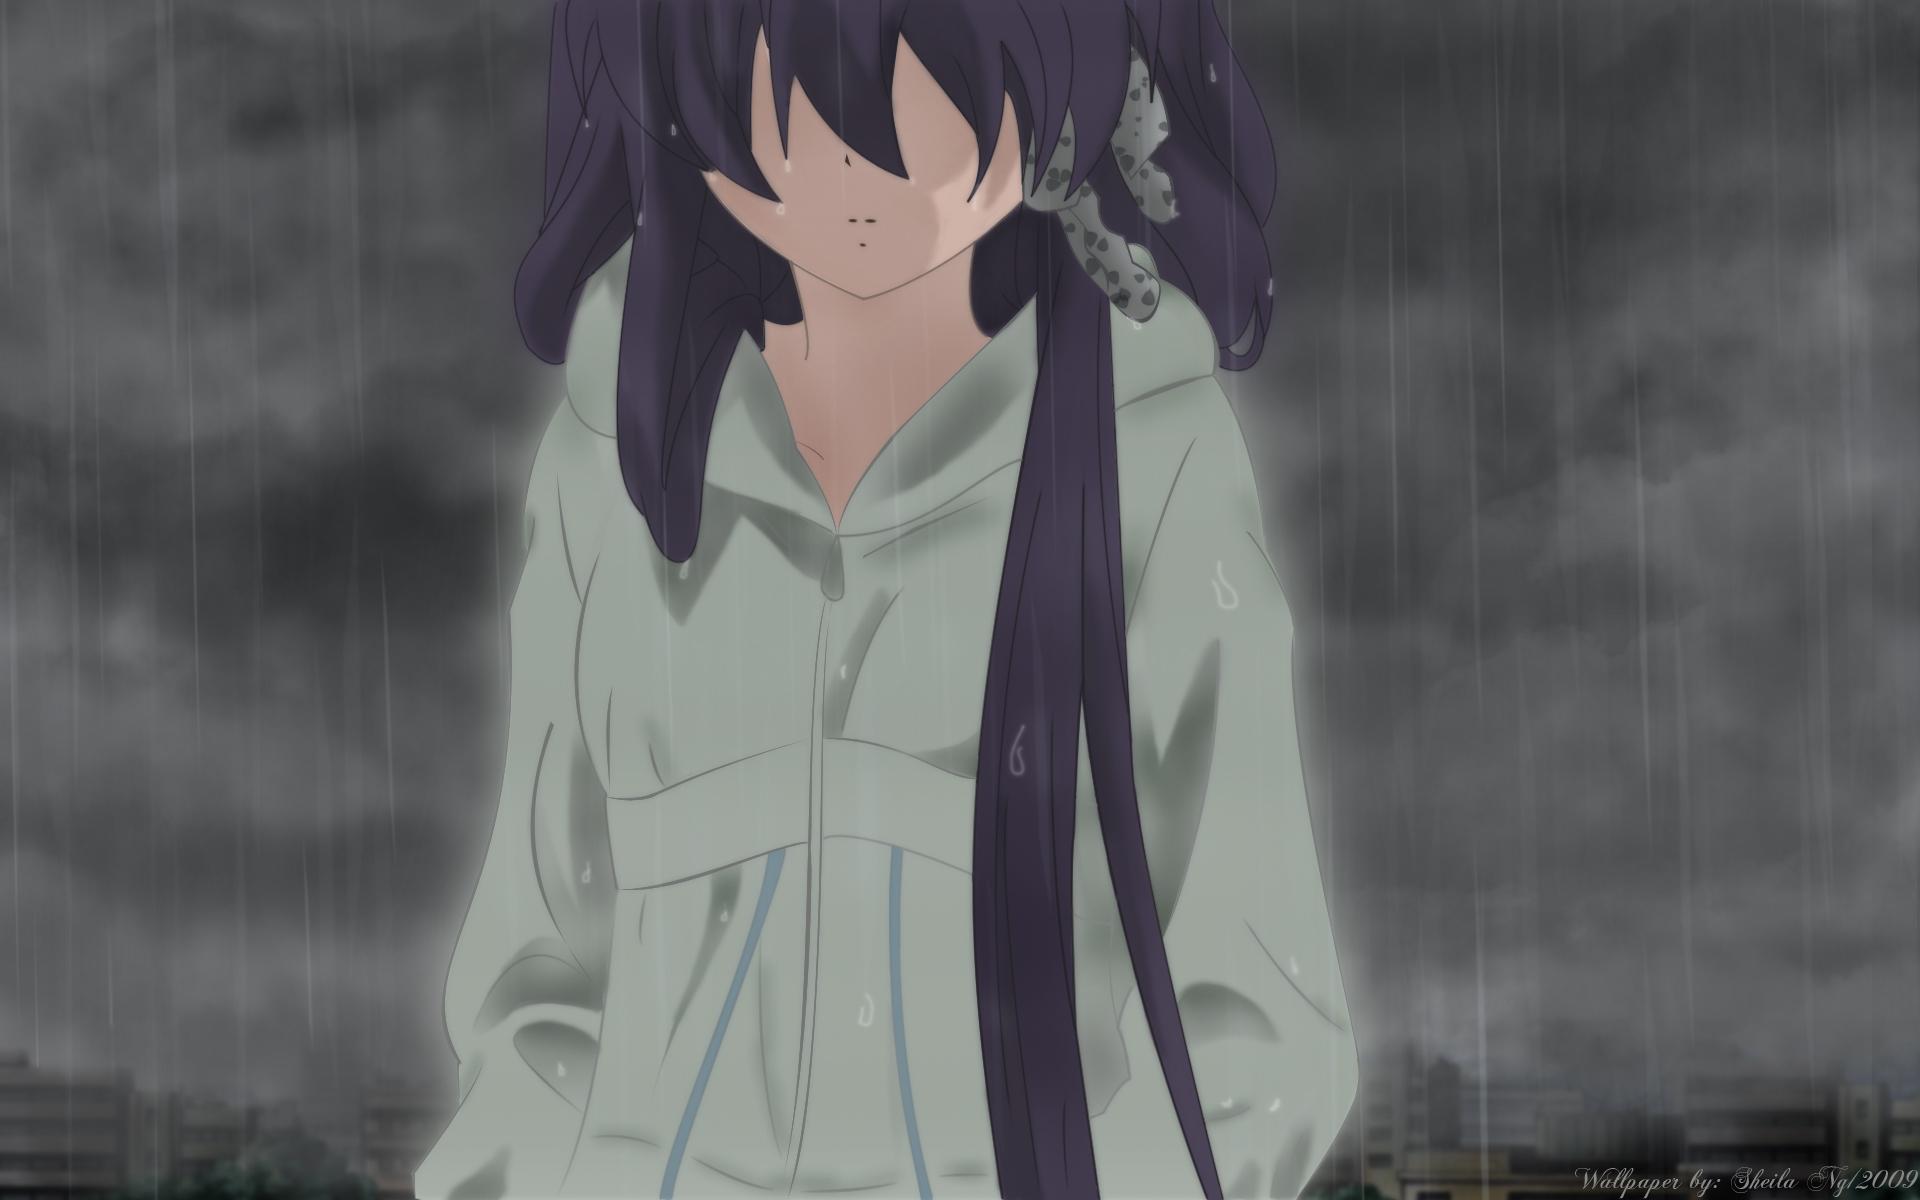 Sad Anime Girl HD Wallpaper 22157   Baltana 1920x1200